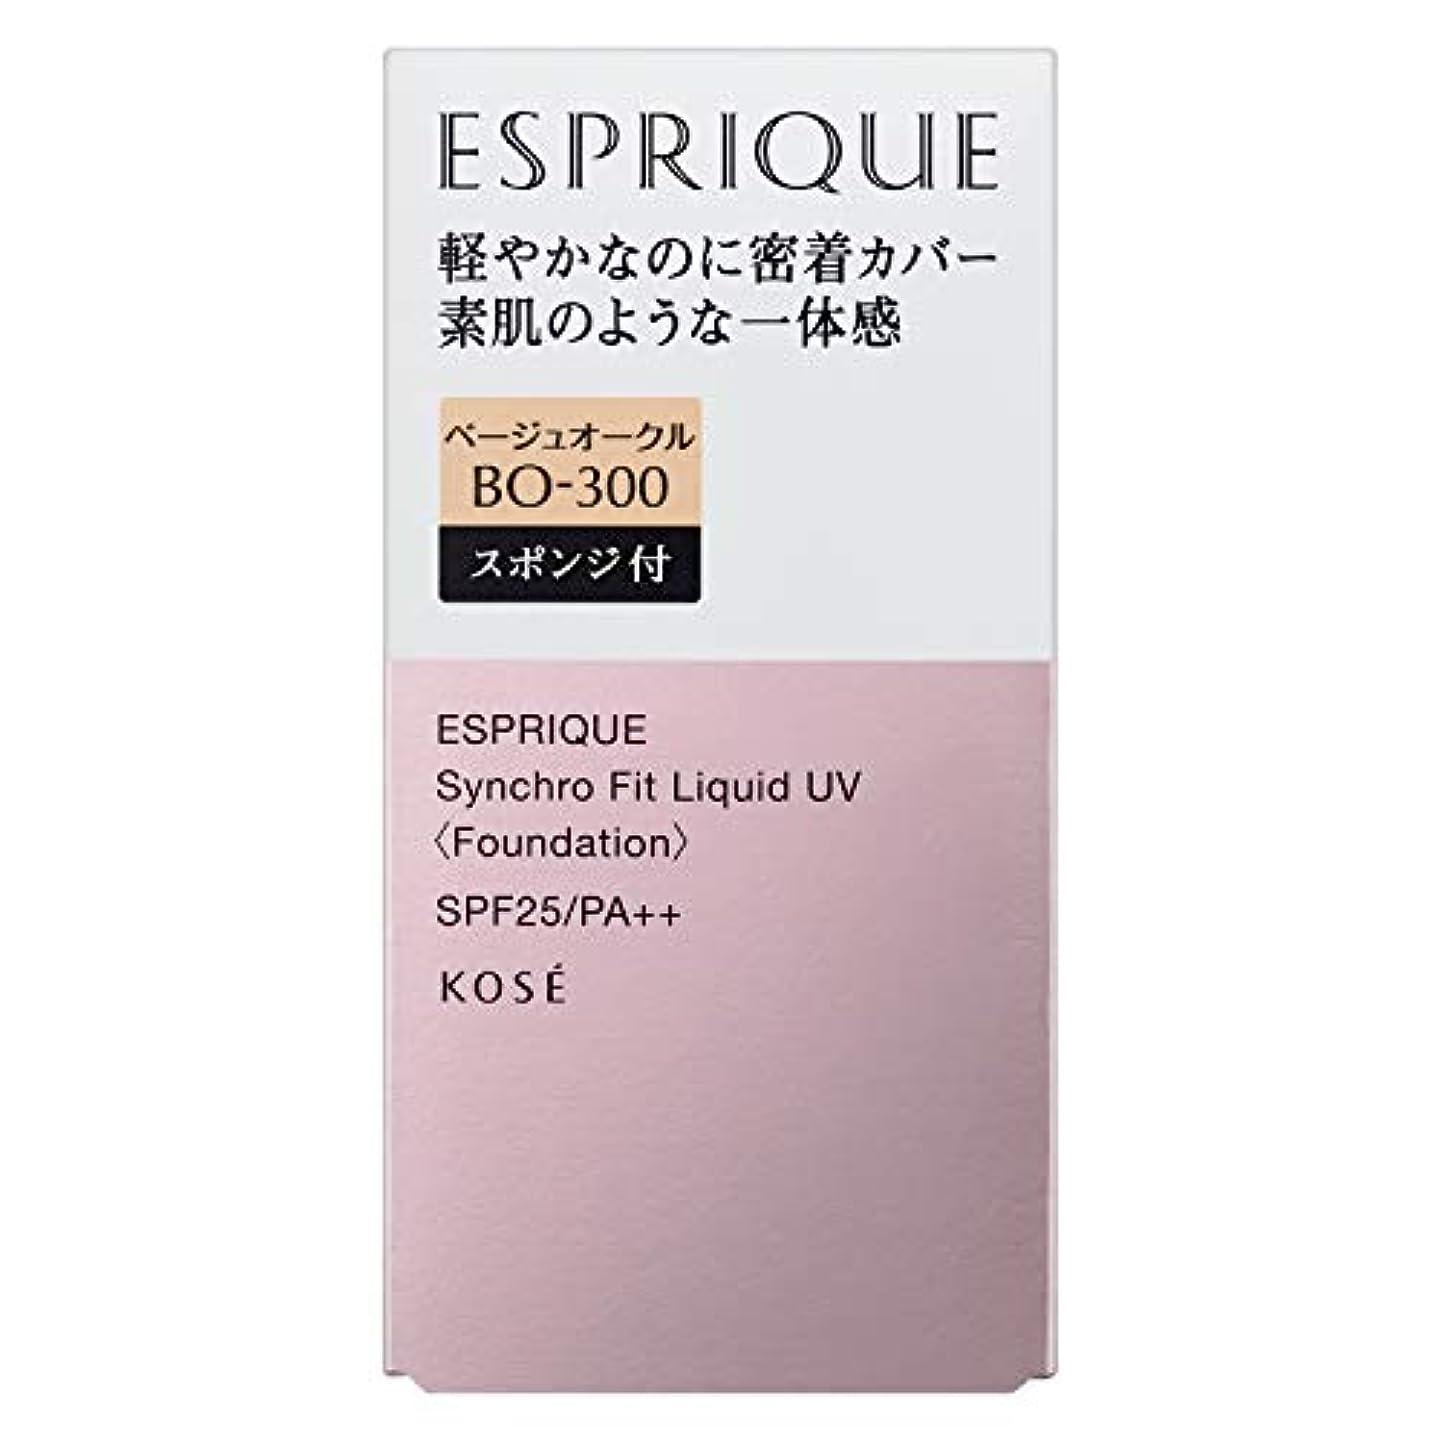 ヶ月目活性化するコイルESPRIQUE(エスプリーク) エスプリーク シンクロフィット リキッド UV ファンデーション 無香料 BO-300 ベージュオークル 30g